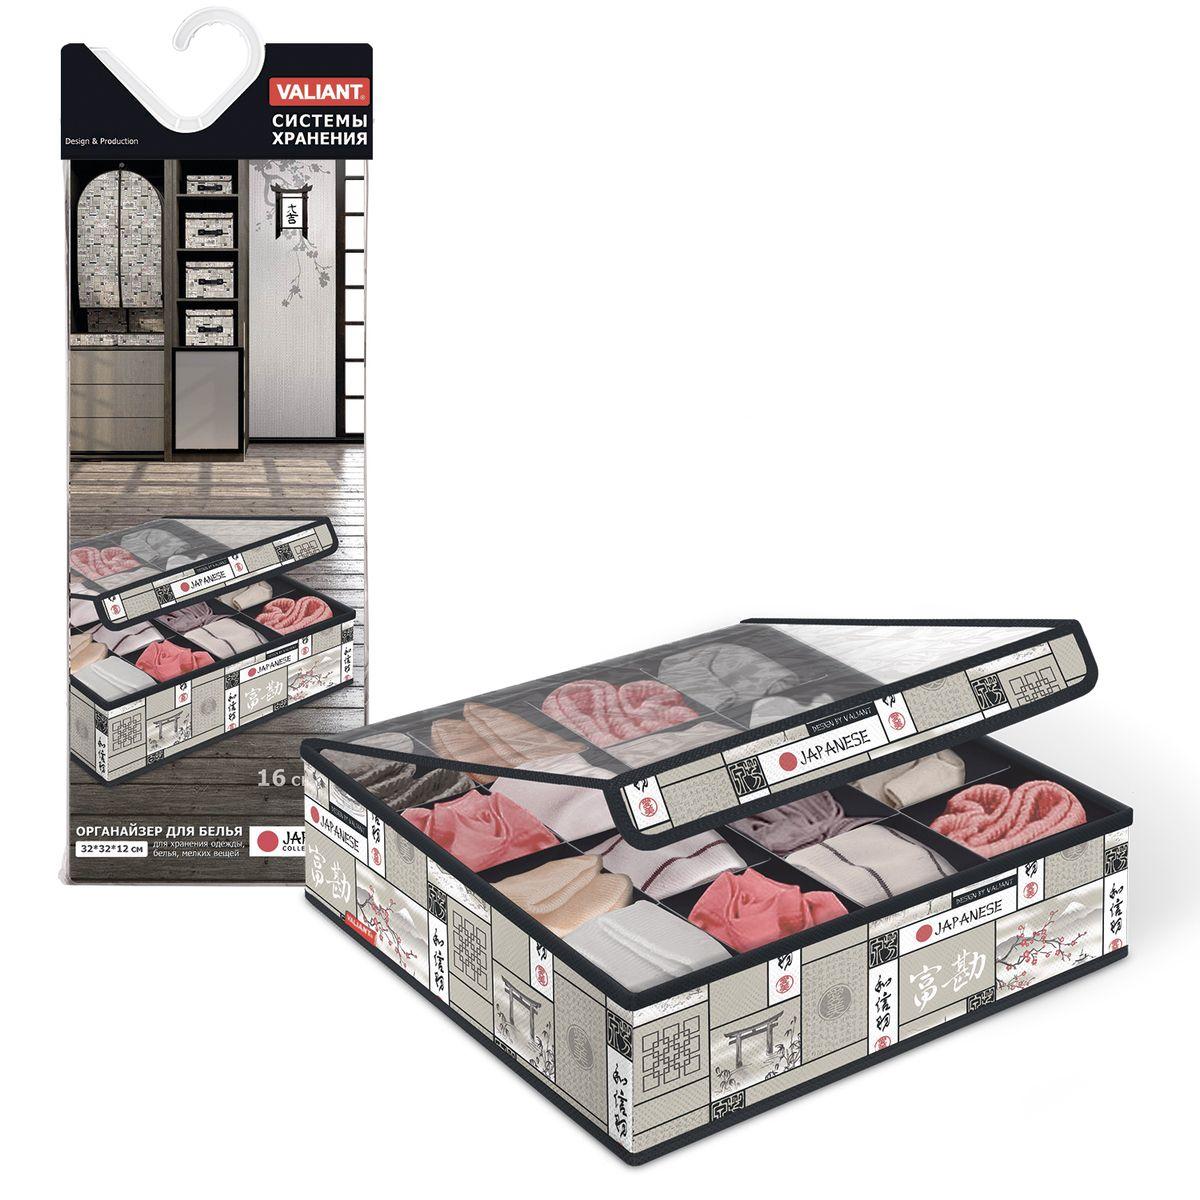 Органайзер для белья и носков Valiant Japanese White, с прозрачной крышкой, 16 секций, 32 х 32 х 12 см кресло buro ch 825s black rd черный красный искусственная кожа пластик серебро